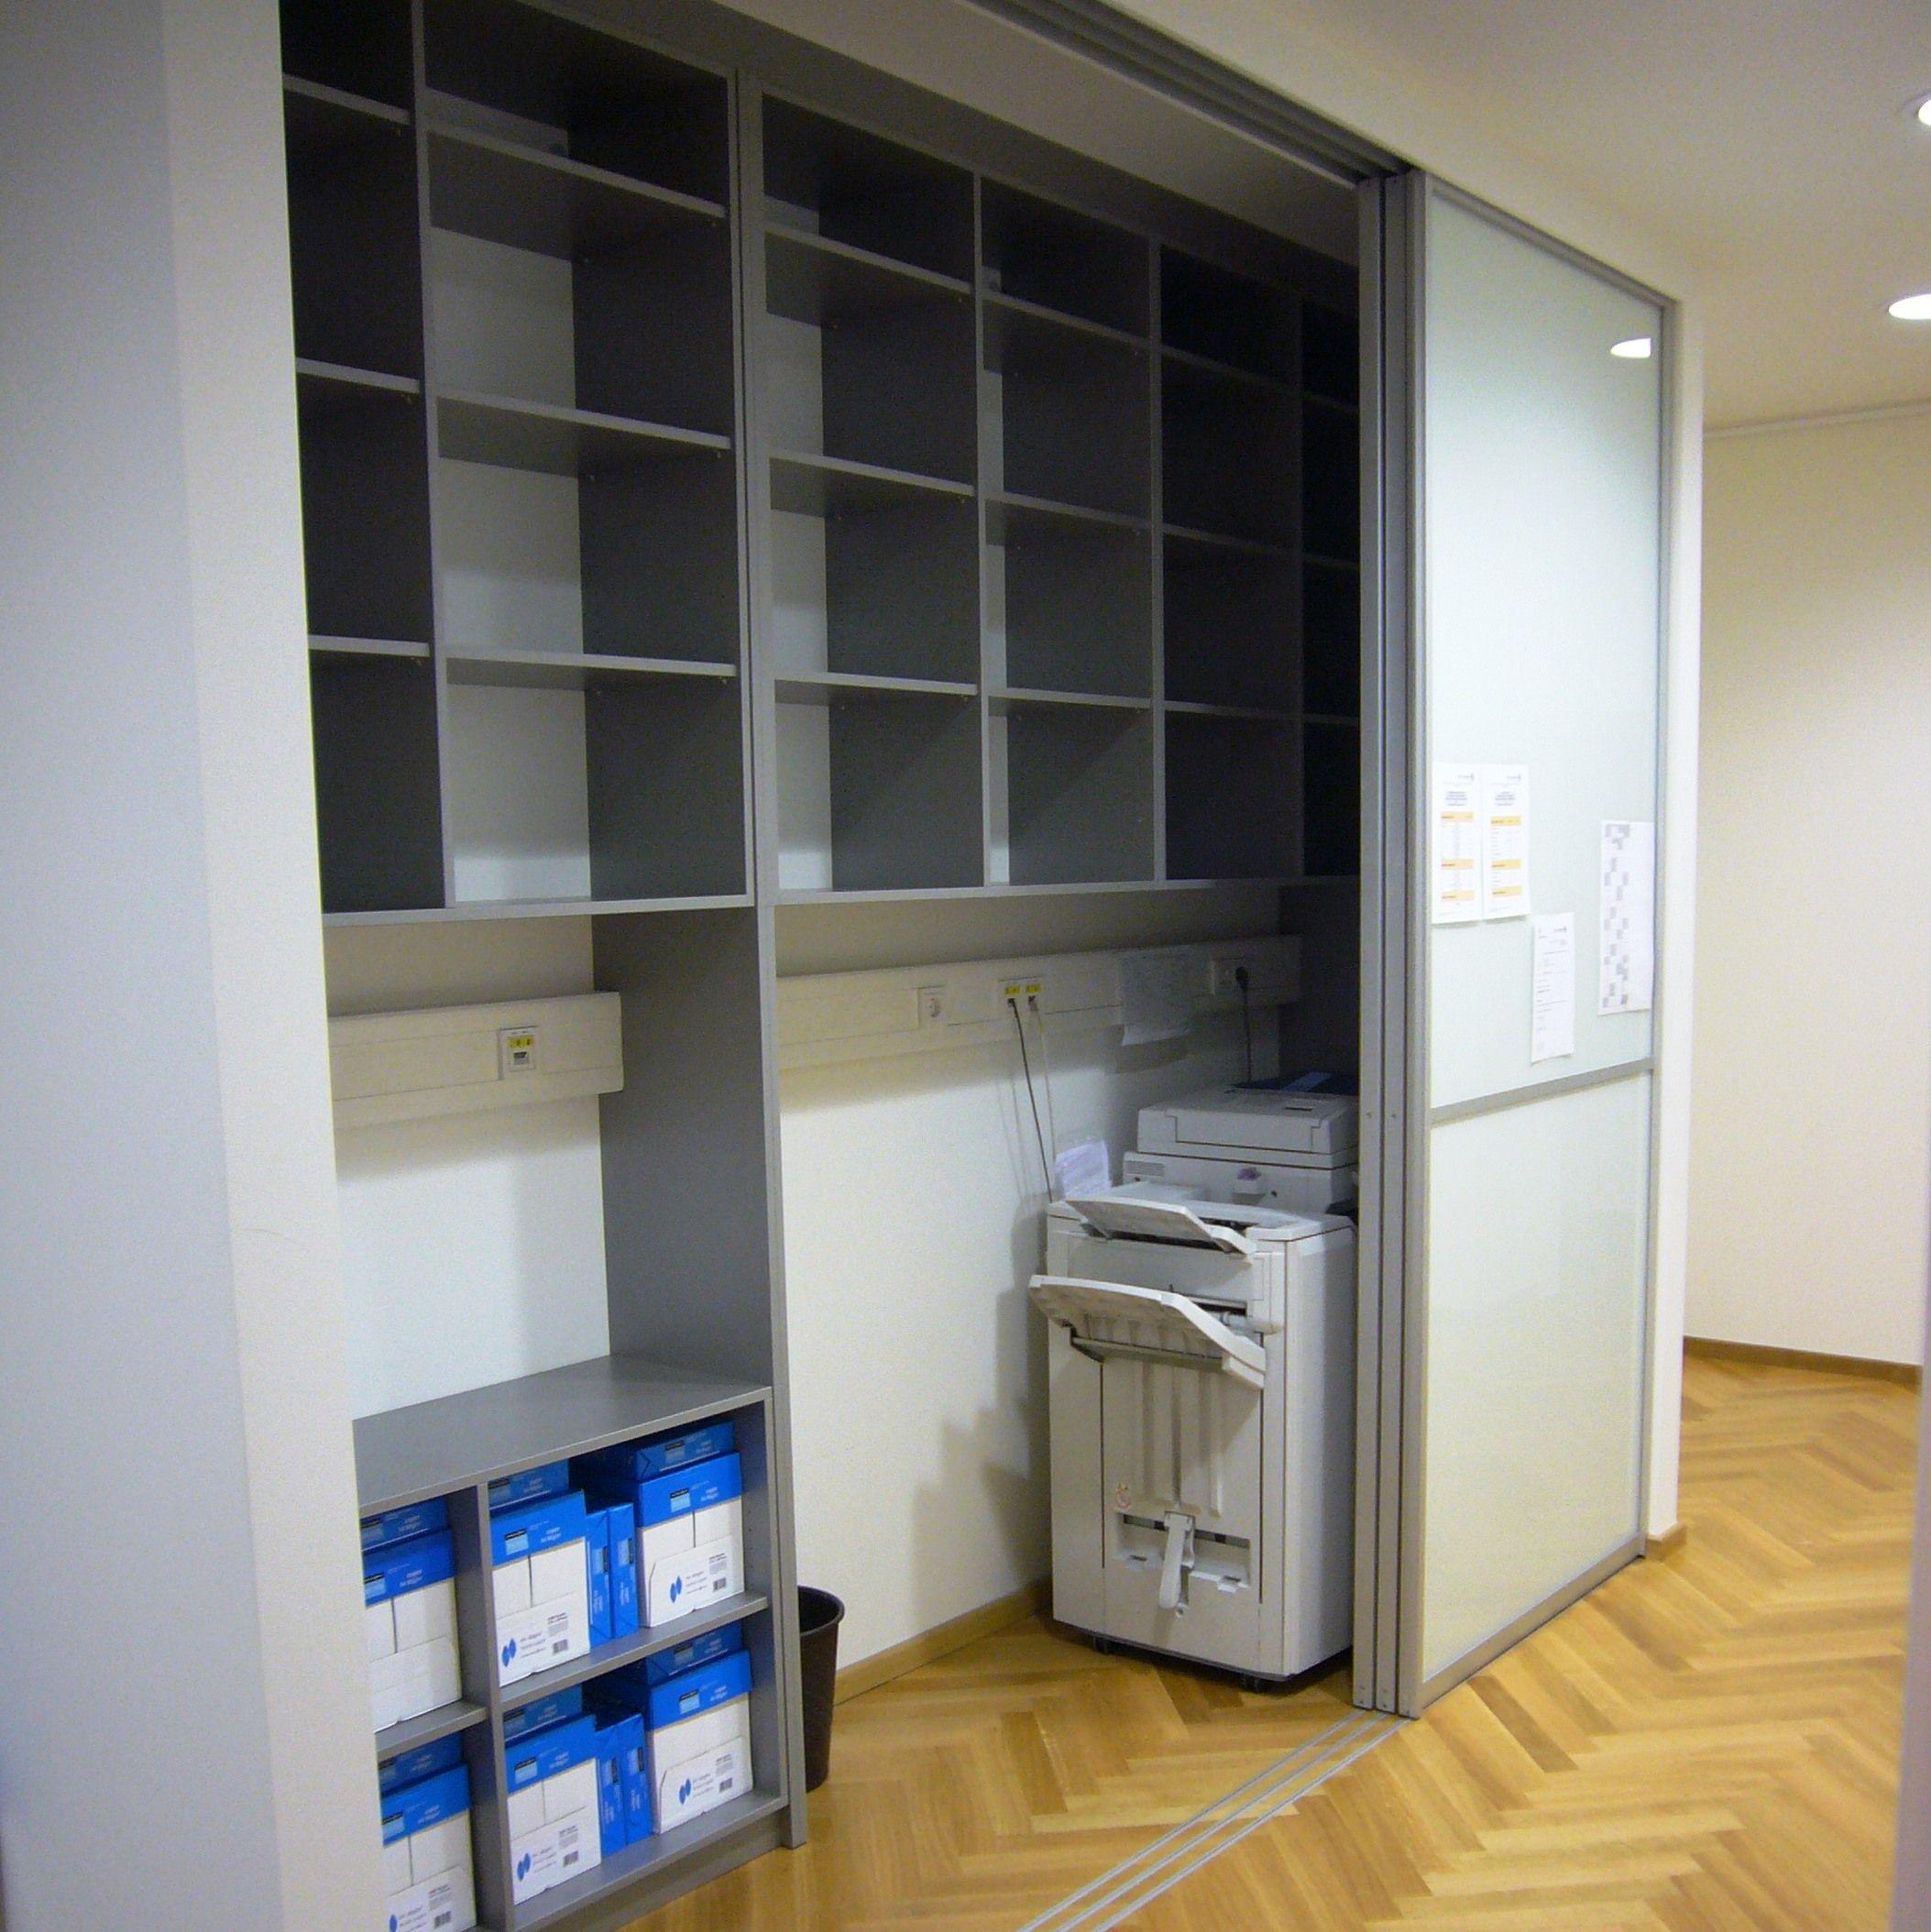 b roschrank mit glasschiebet ren innenleben in grauer dekorplatte l s schr nke. Black Bedroom Furniture Sets. Home Design Ideas